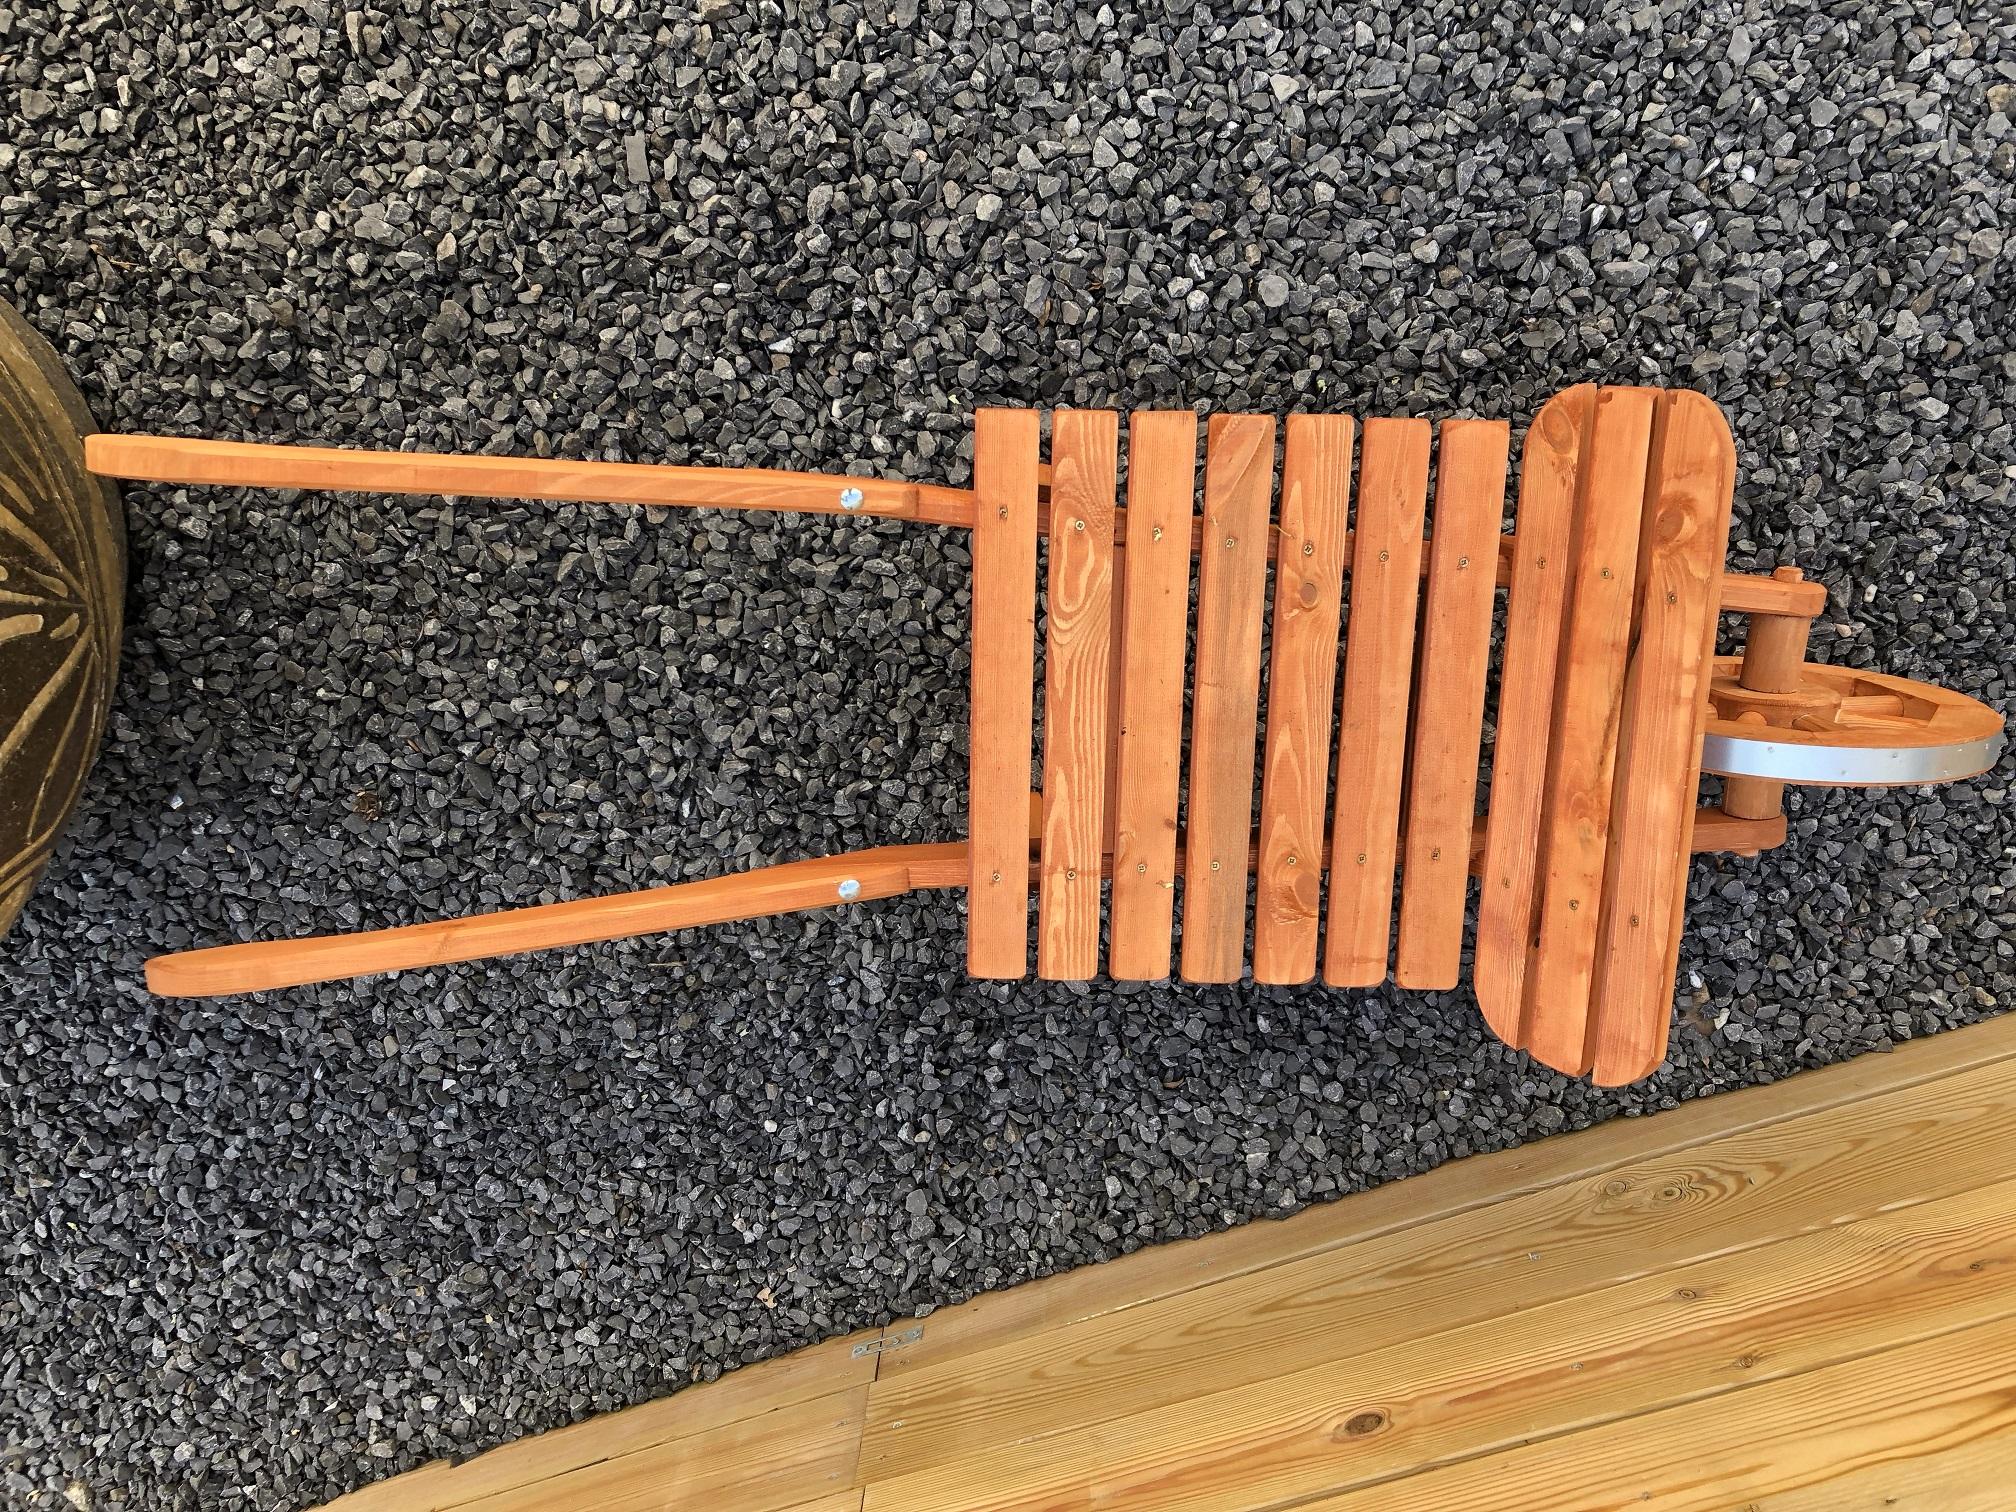 Xxl kruiwagen houten kruiwagen plantkar hout tuin massief